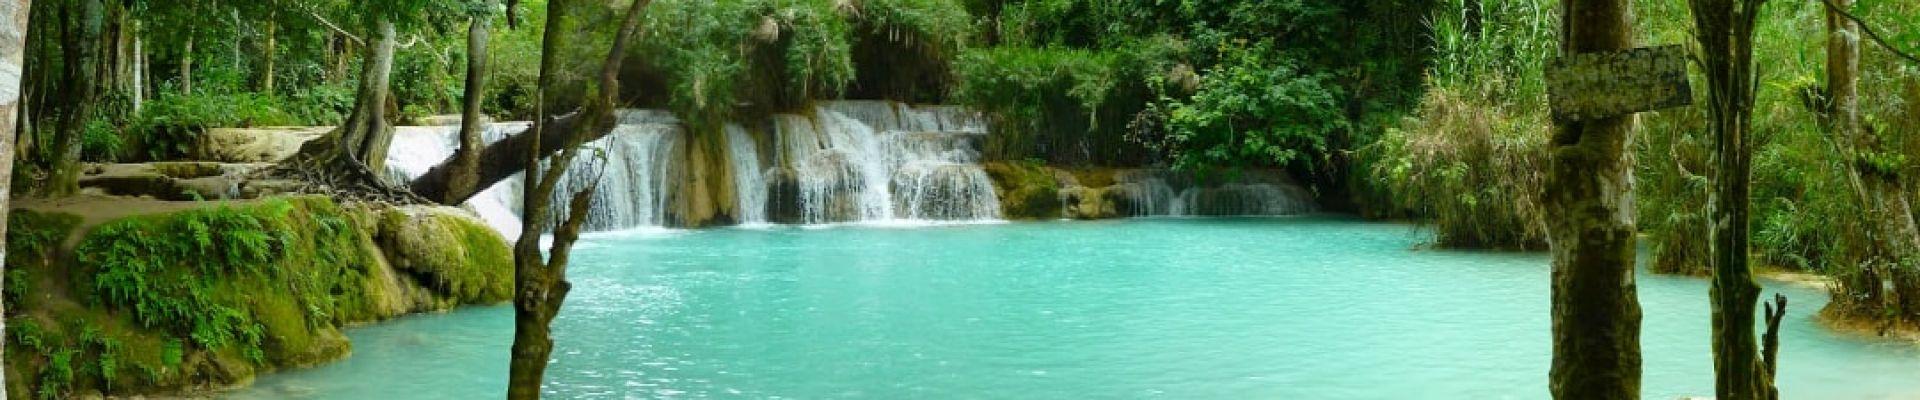 kuang-si-falls-luangprabang